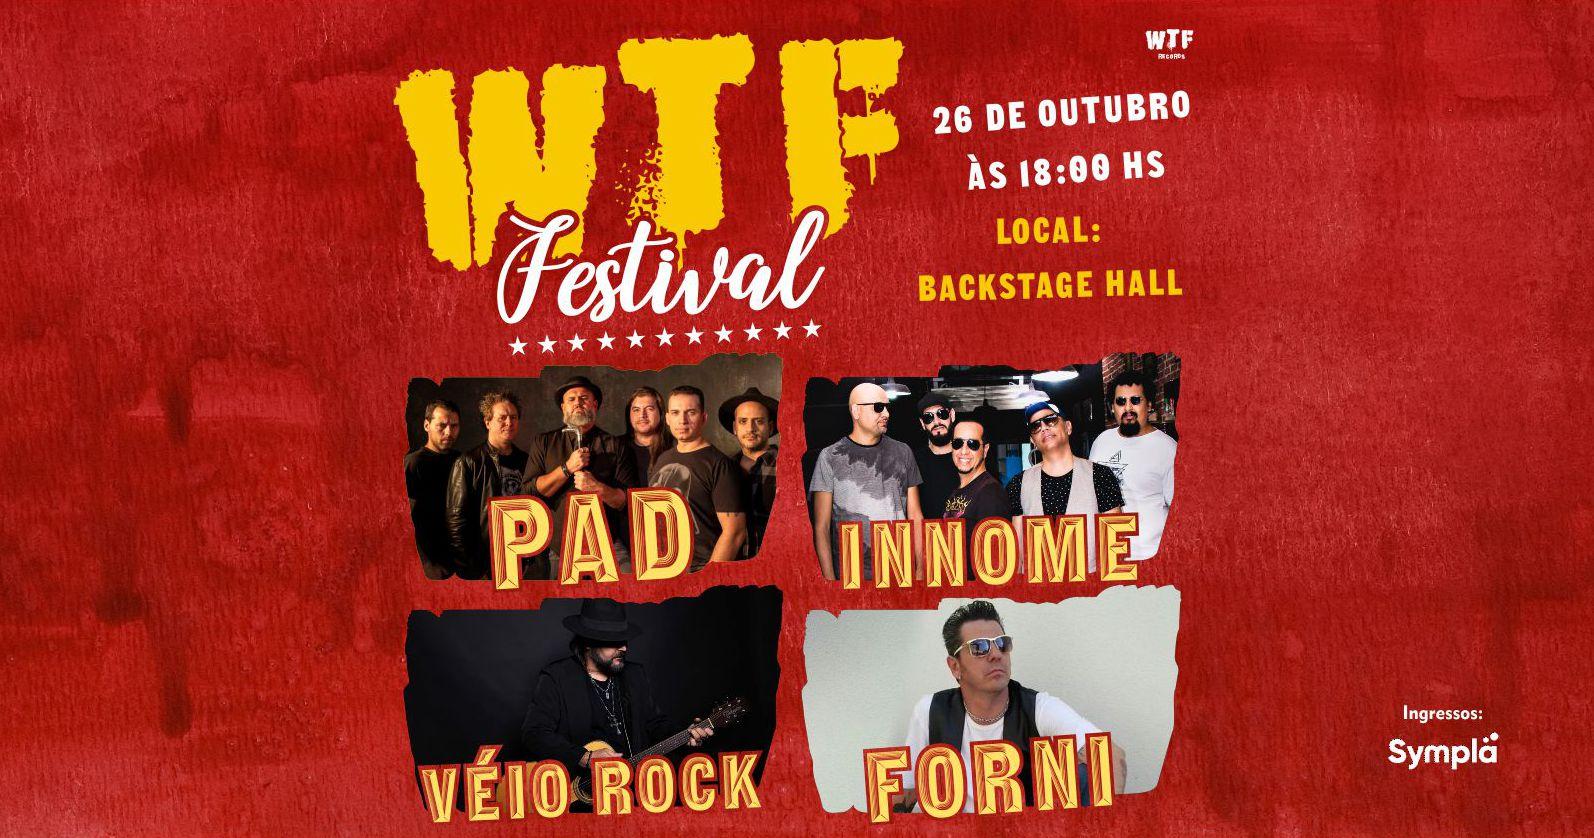 WTF Festival com PAD, INNOME, Véio Rock e Forni